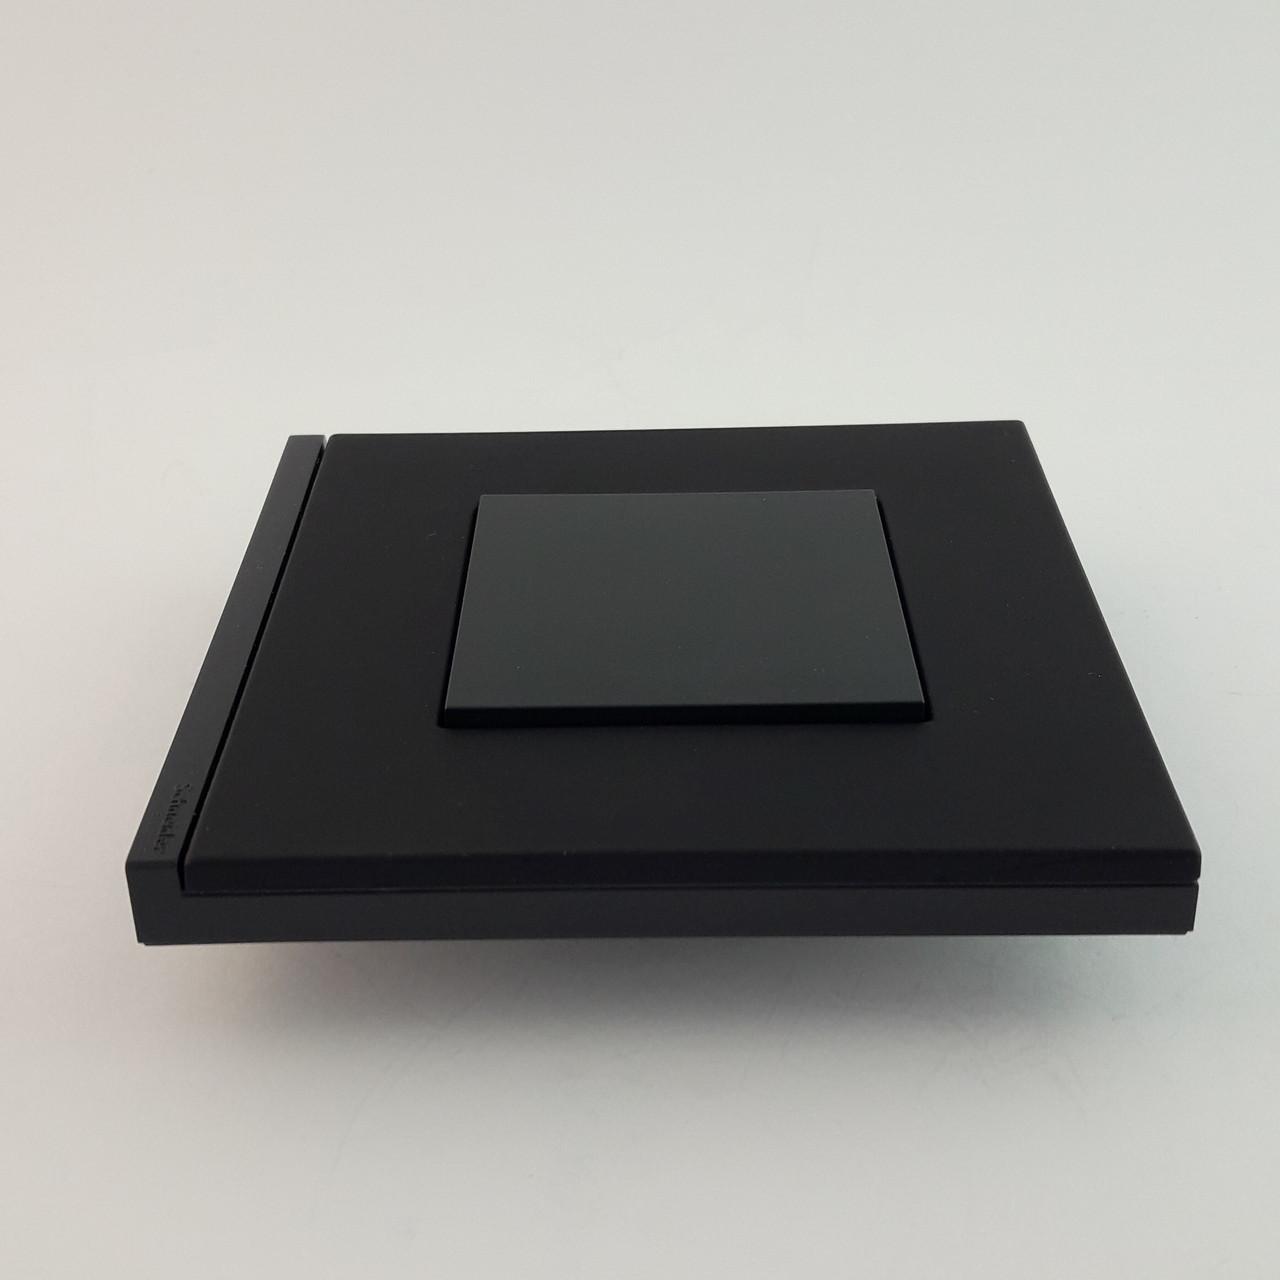 Рамка 3 постовая Unica Pure, каучук, 3х2 модуля